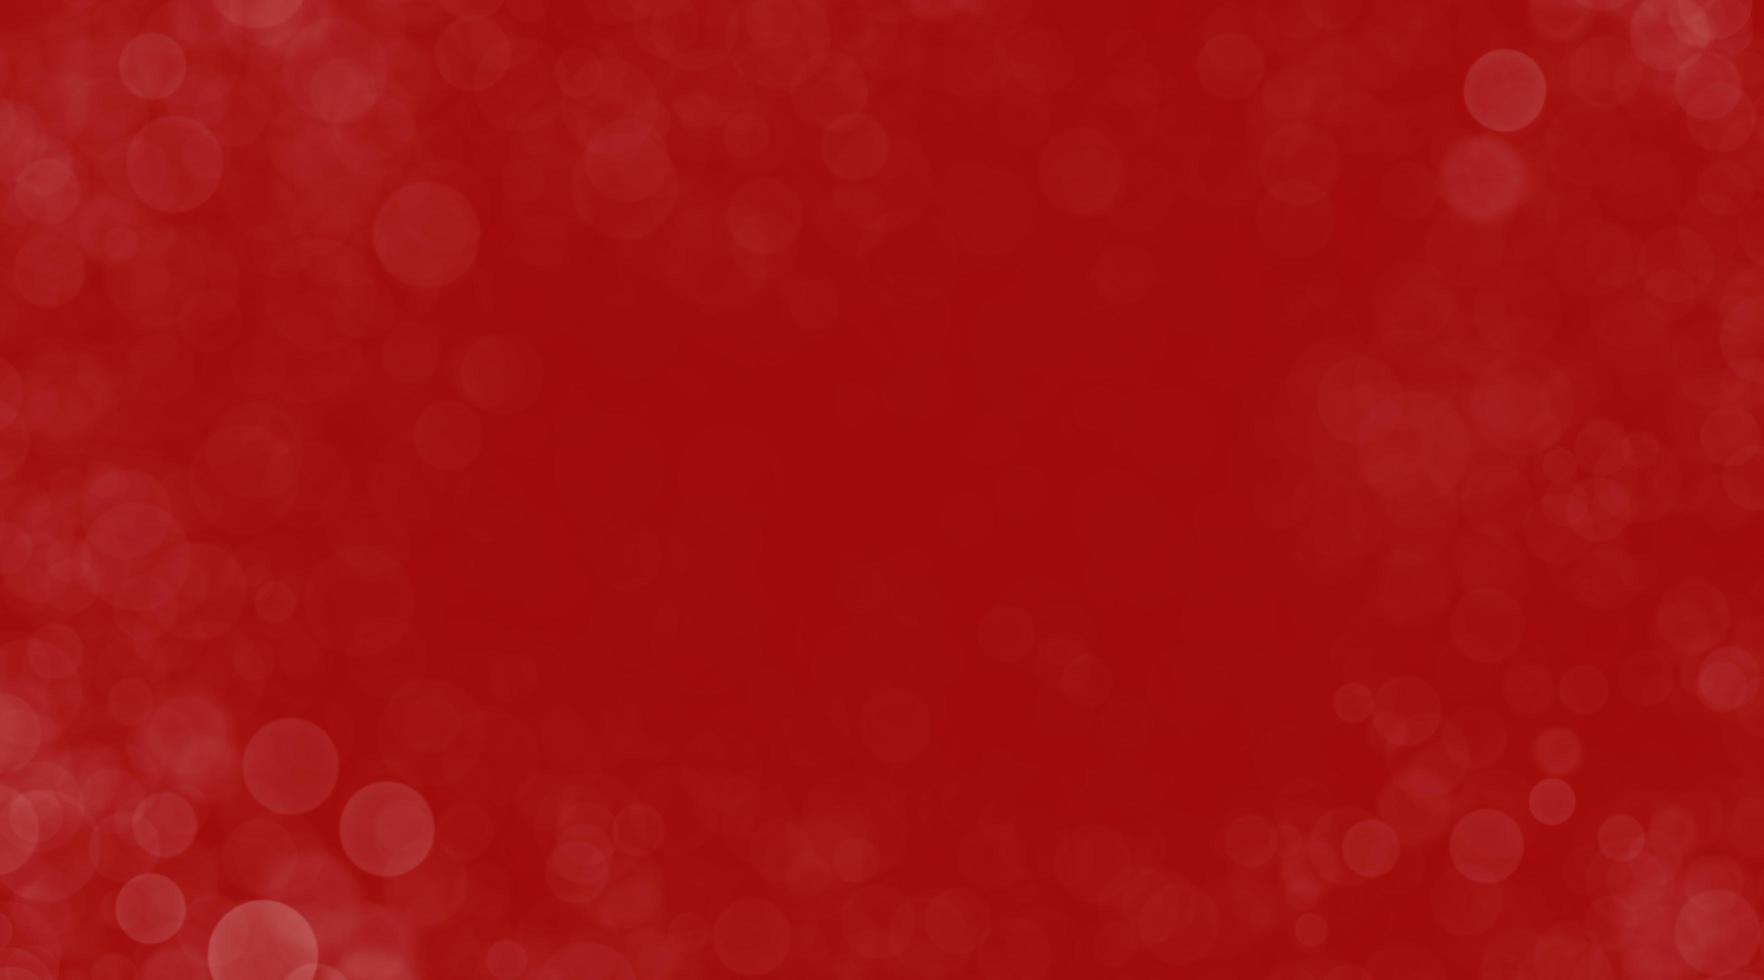 abstrakt med bokeh cirklar på en röd bakgrund foto